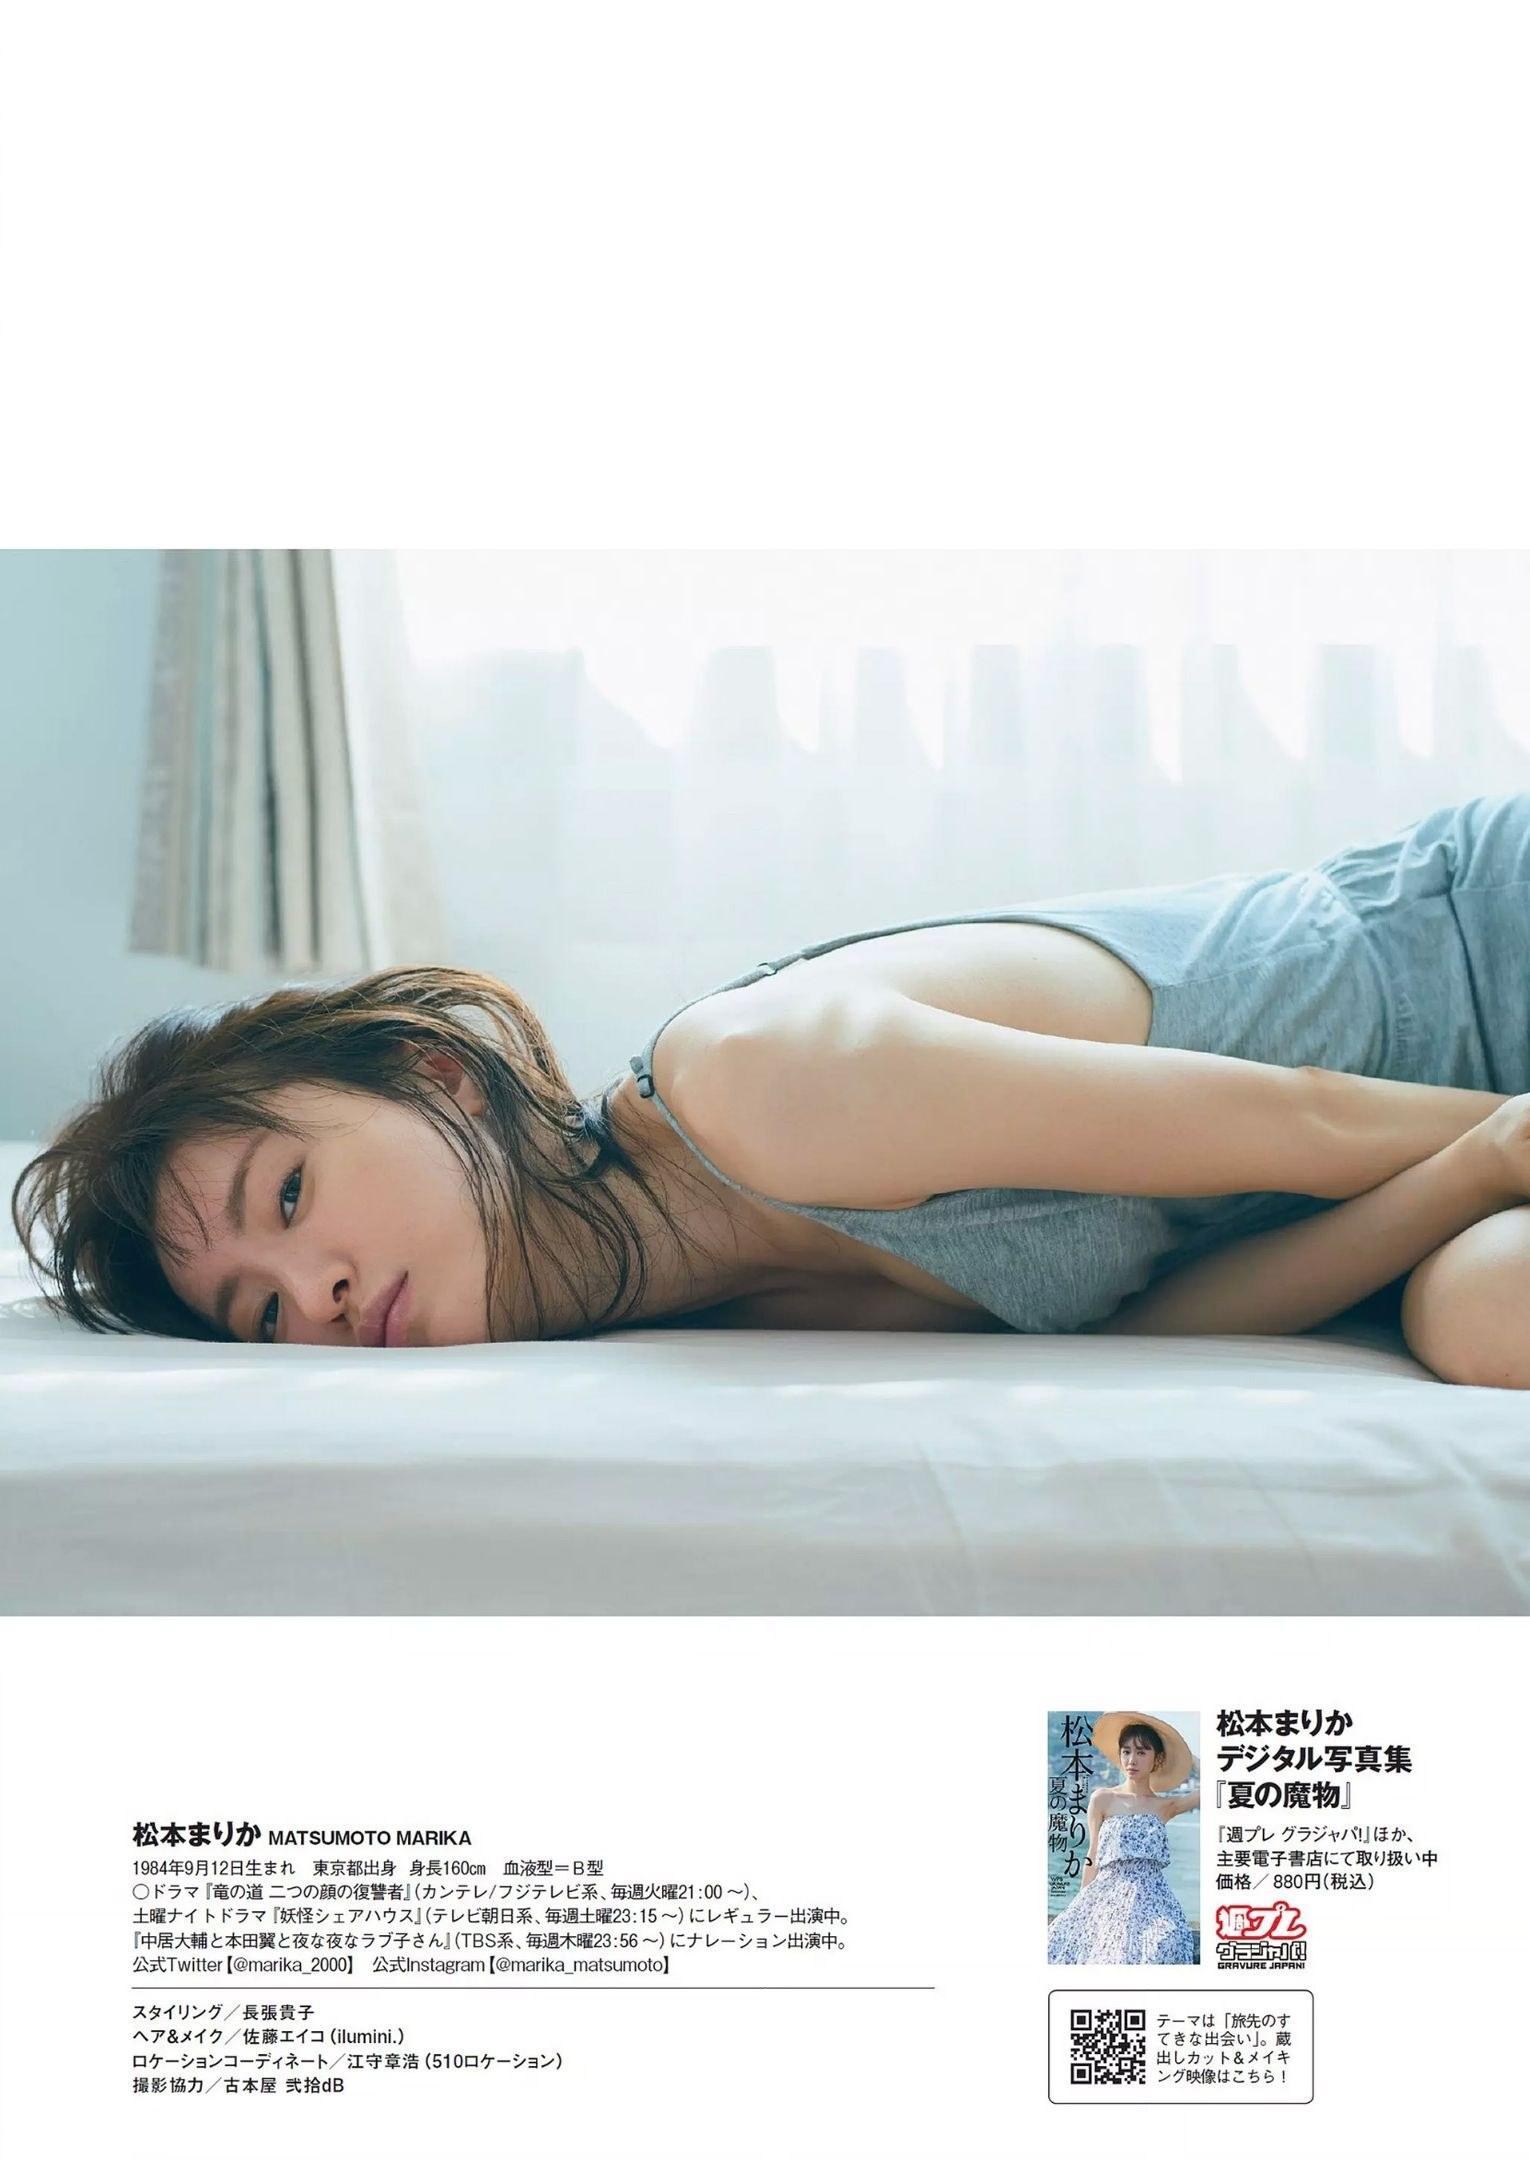 松本真理香 川津明日香 村田实果子 新谷姬加 Weekly Playboy